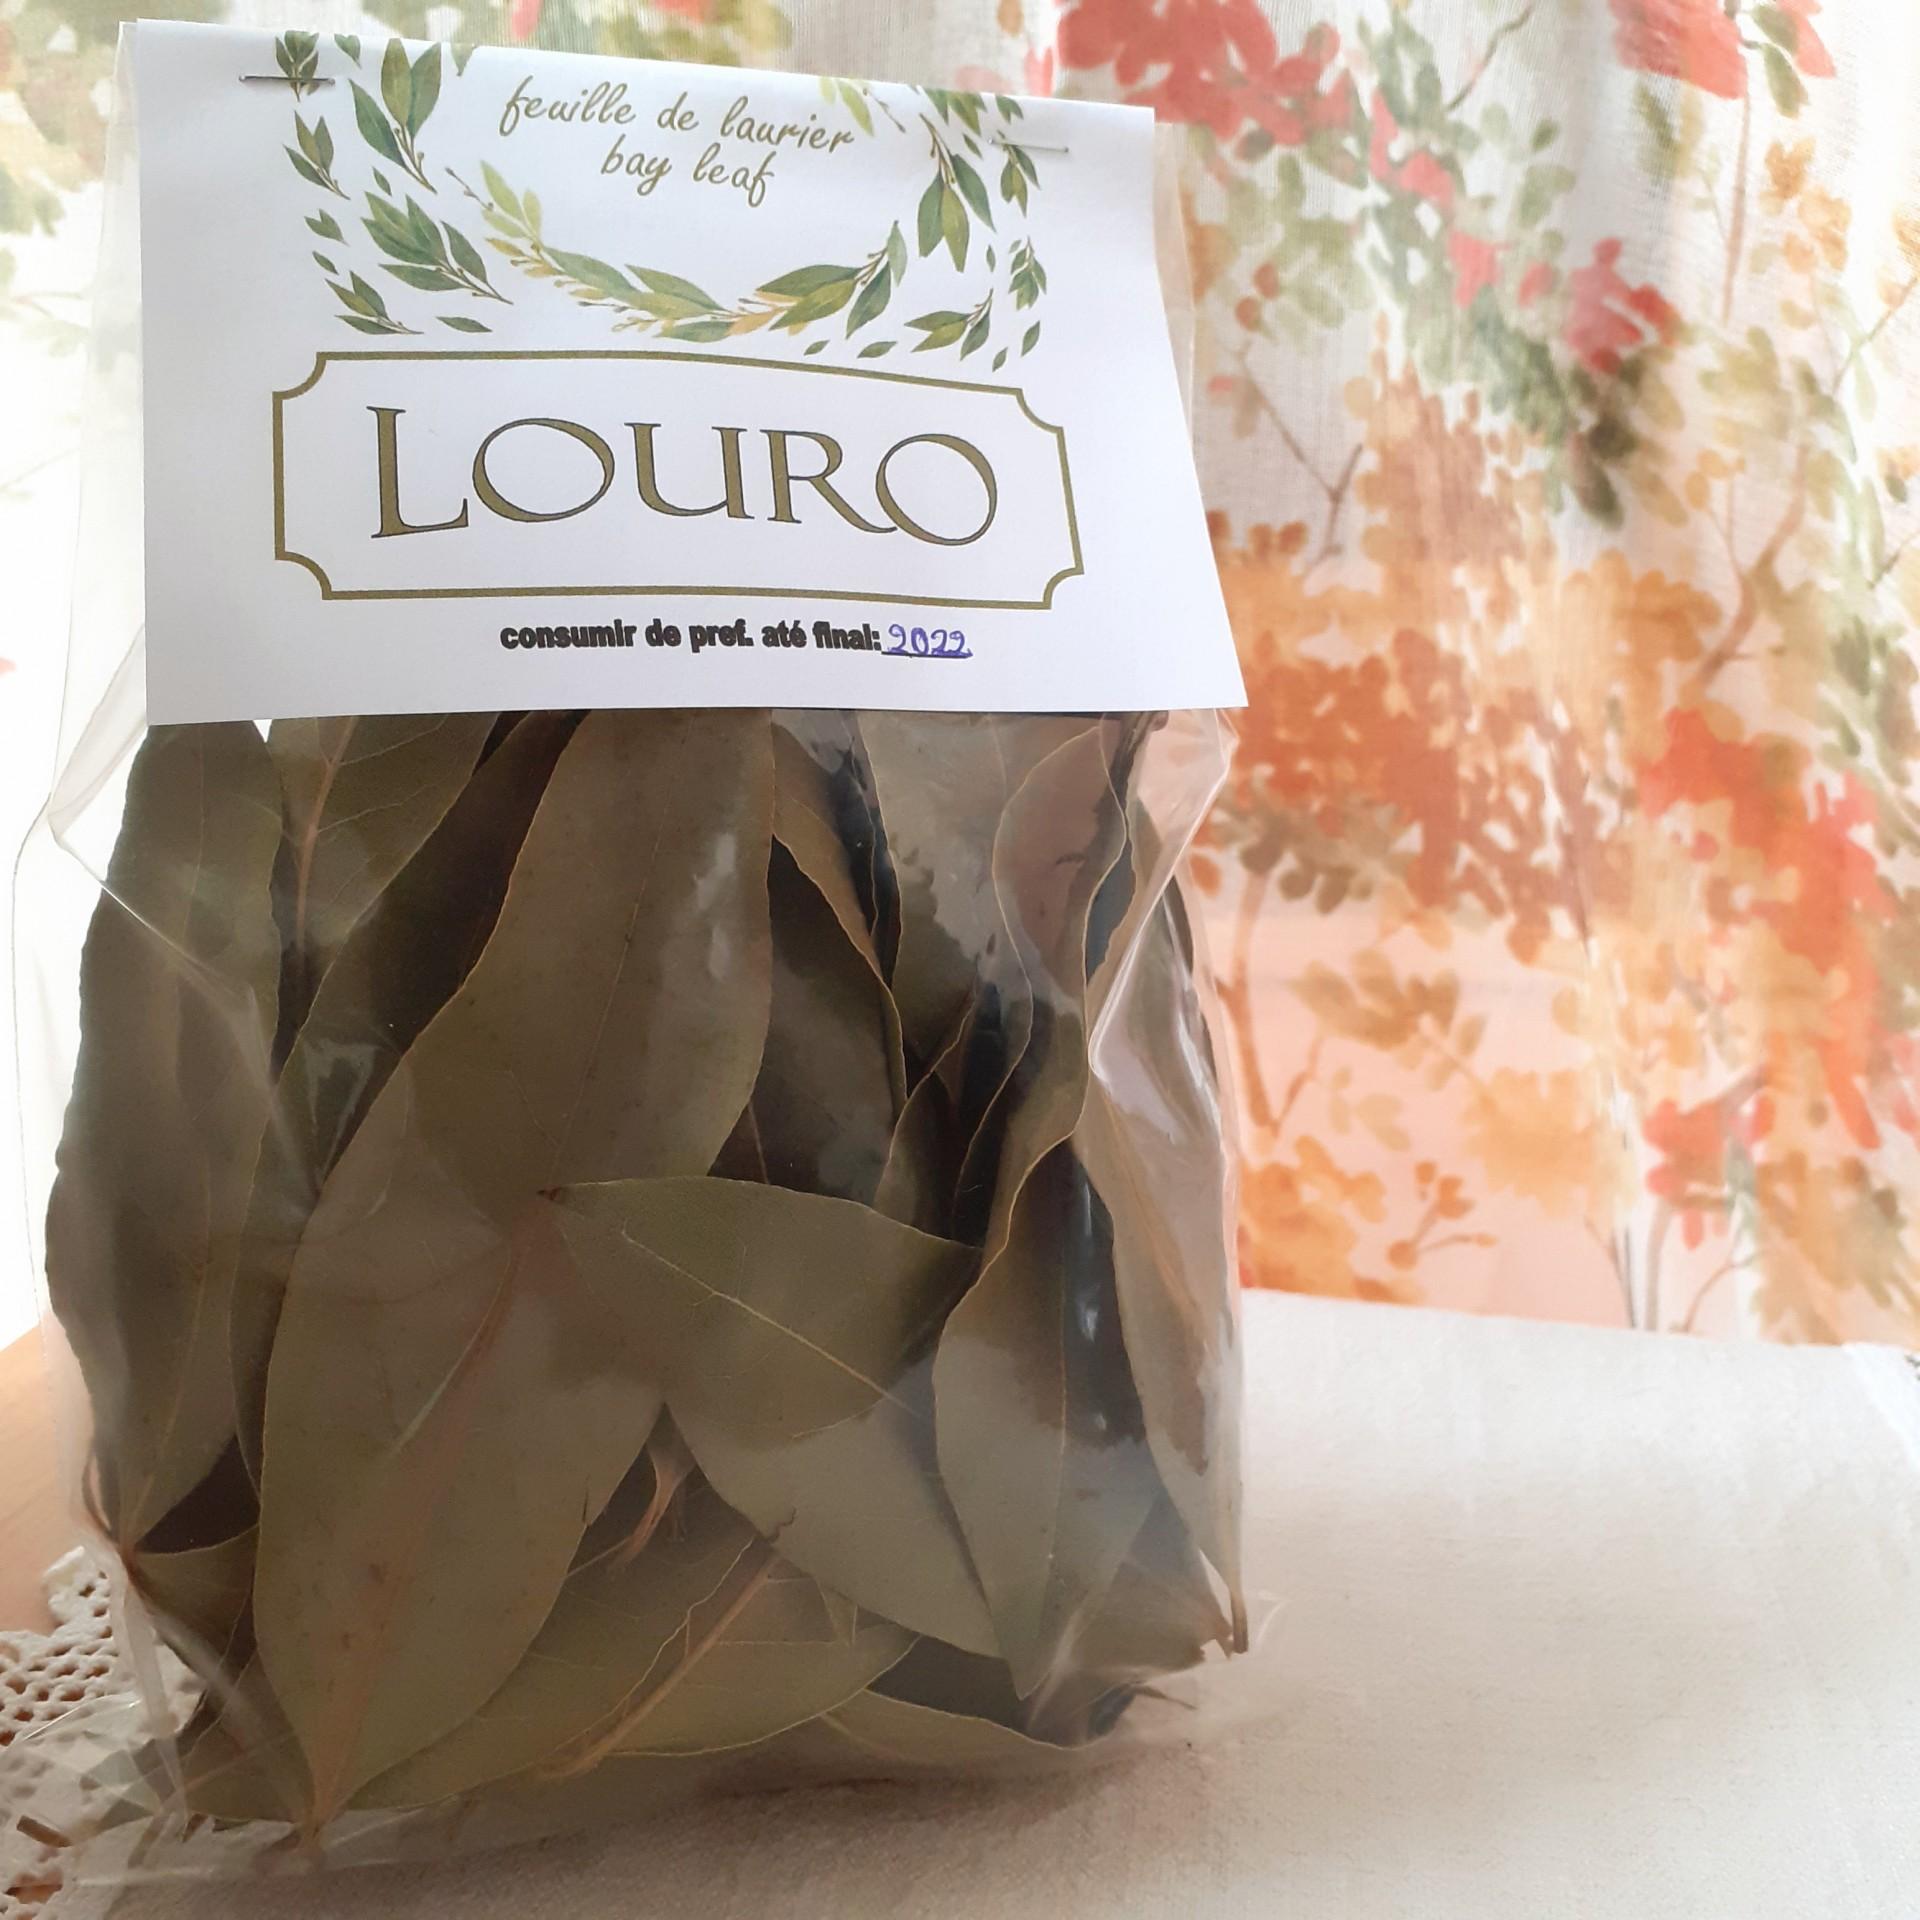 Louro